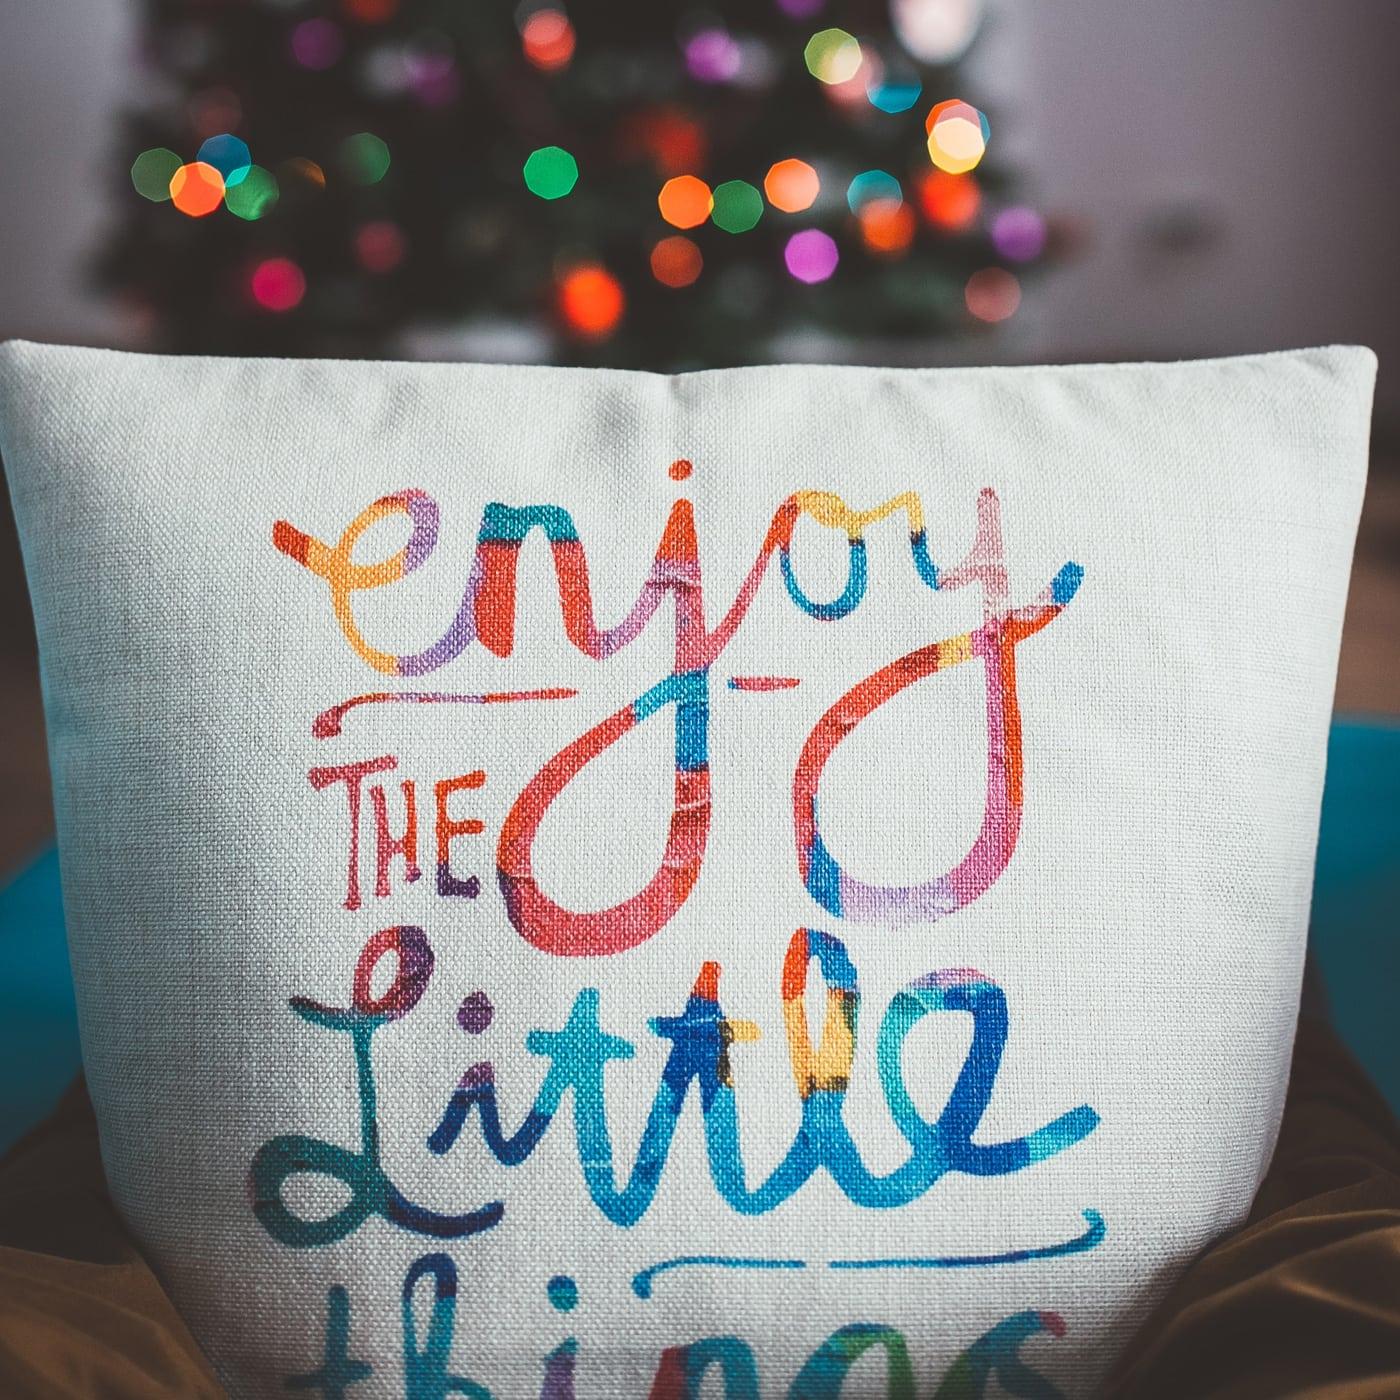 Entspannte Adventszeit und Feiertage mit Kindern // HIMBEER